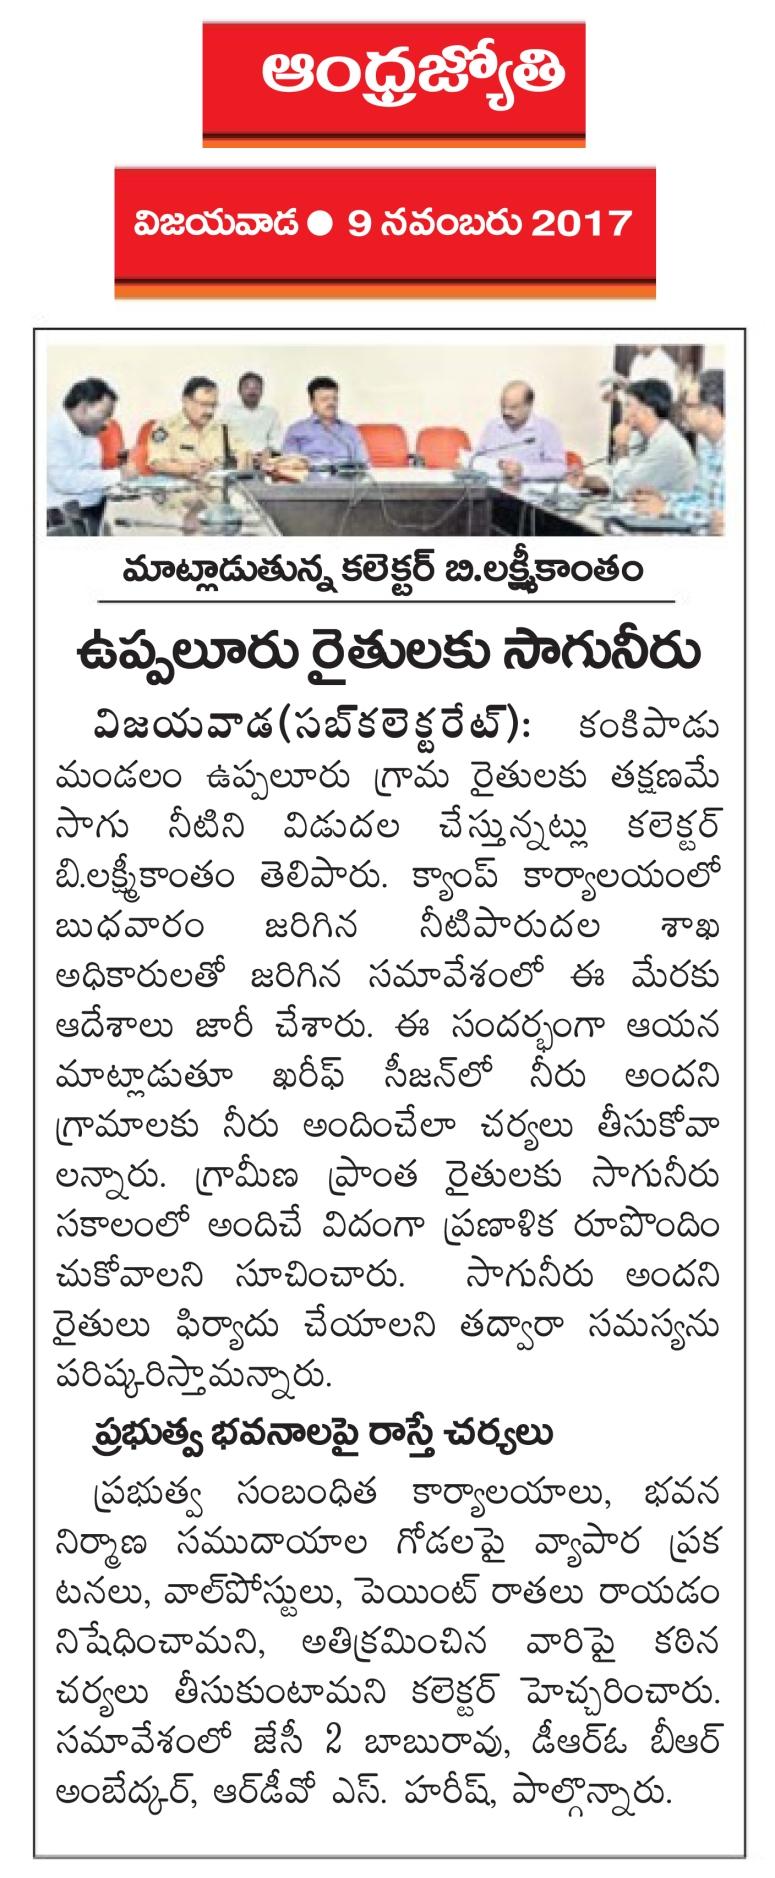 Uppuluru Farmers Irrigation Water Jyothy Vijayawada-09-11-2017